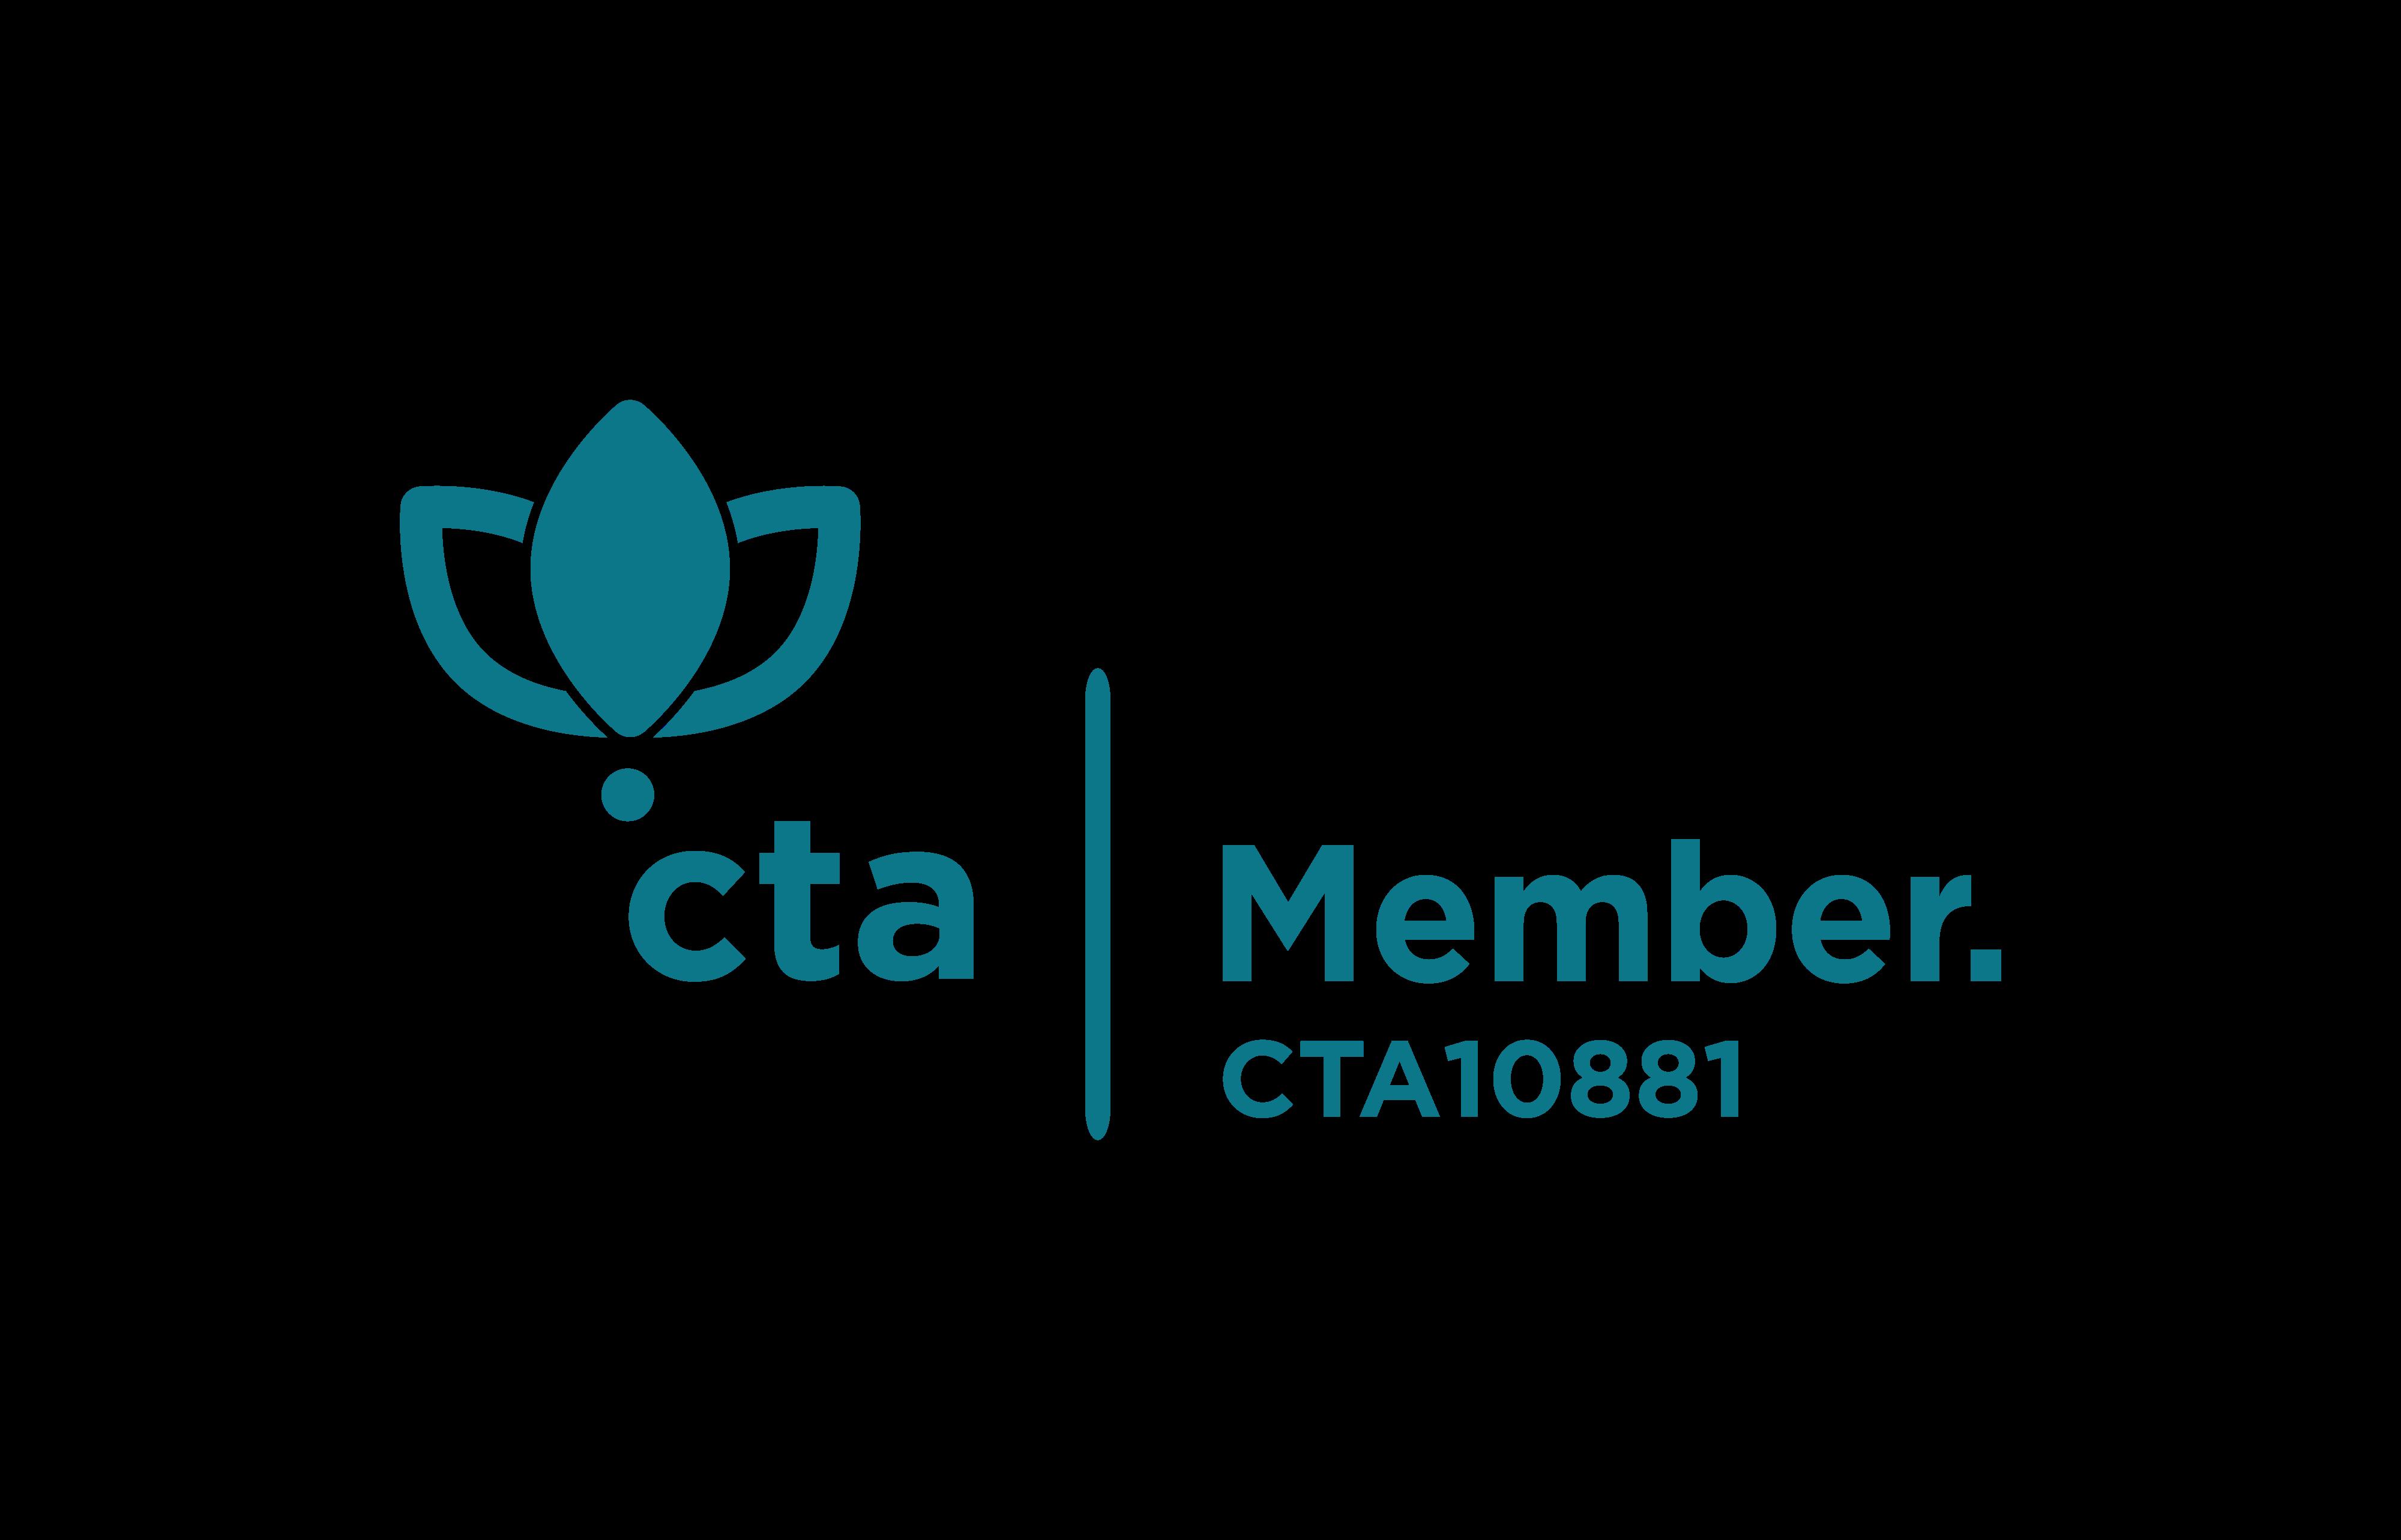 CTA member